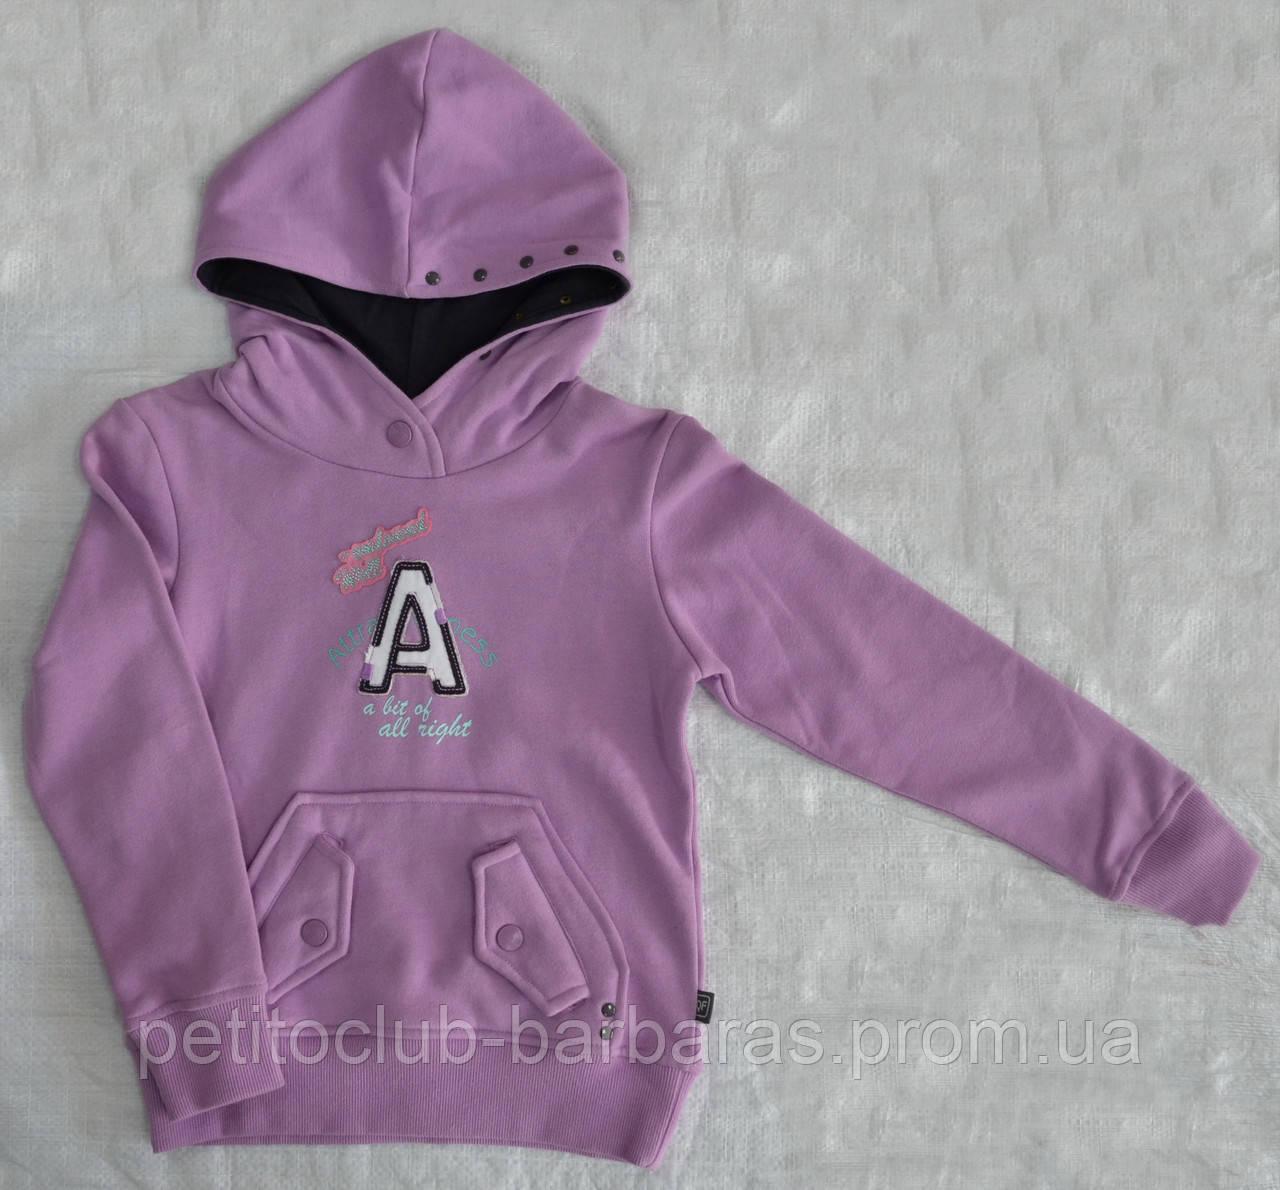 Толстовка с капюшоном фиолетовая для девочки (р. 122-146 см) (QuadriFoglio, Польша)